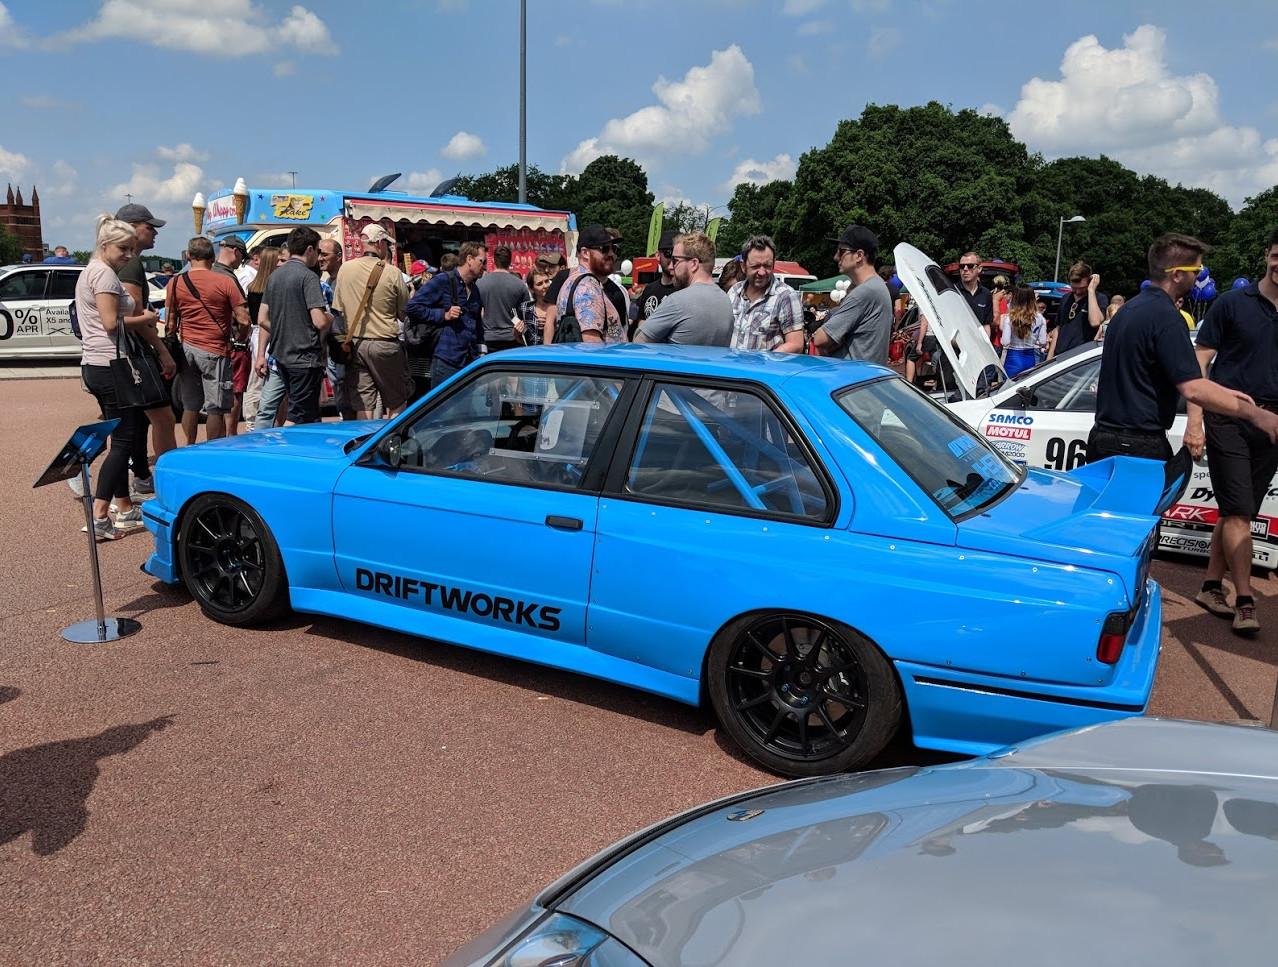 DRIFTWORKS E30 M3